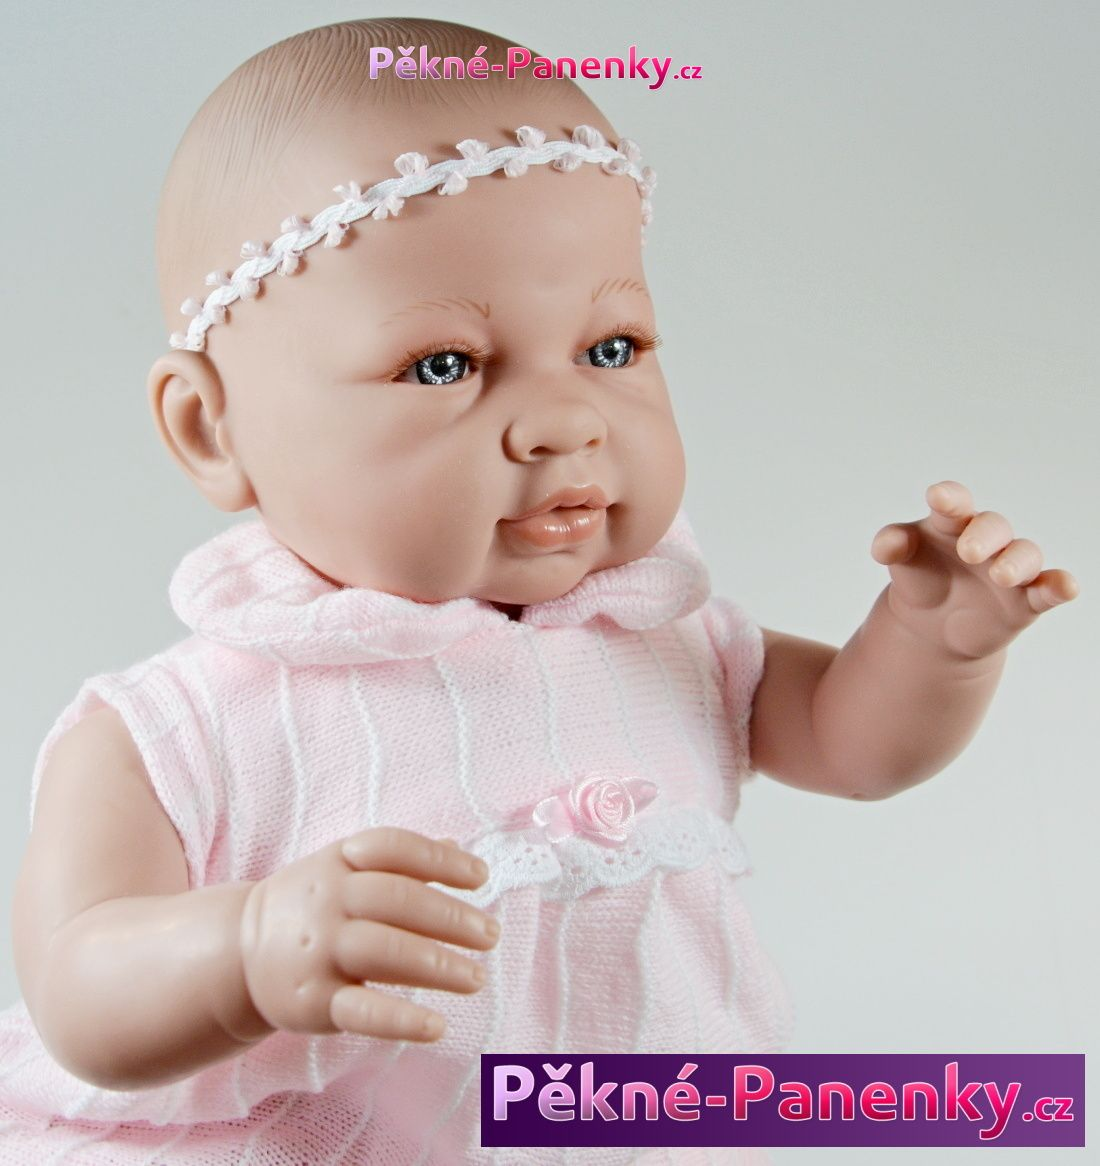 originalní španělské panenky pro děti realistické panenky 50 cm, realistické miminko, dětské mluvící panenky Berbesa mluvící panenky ze Španělska pro děti